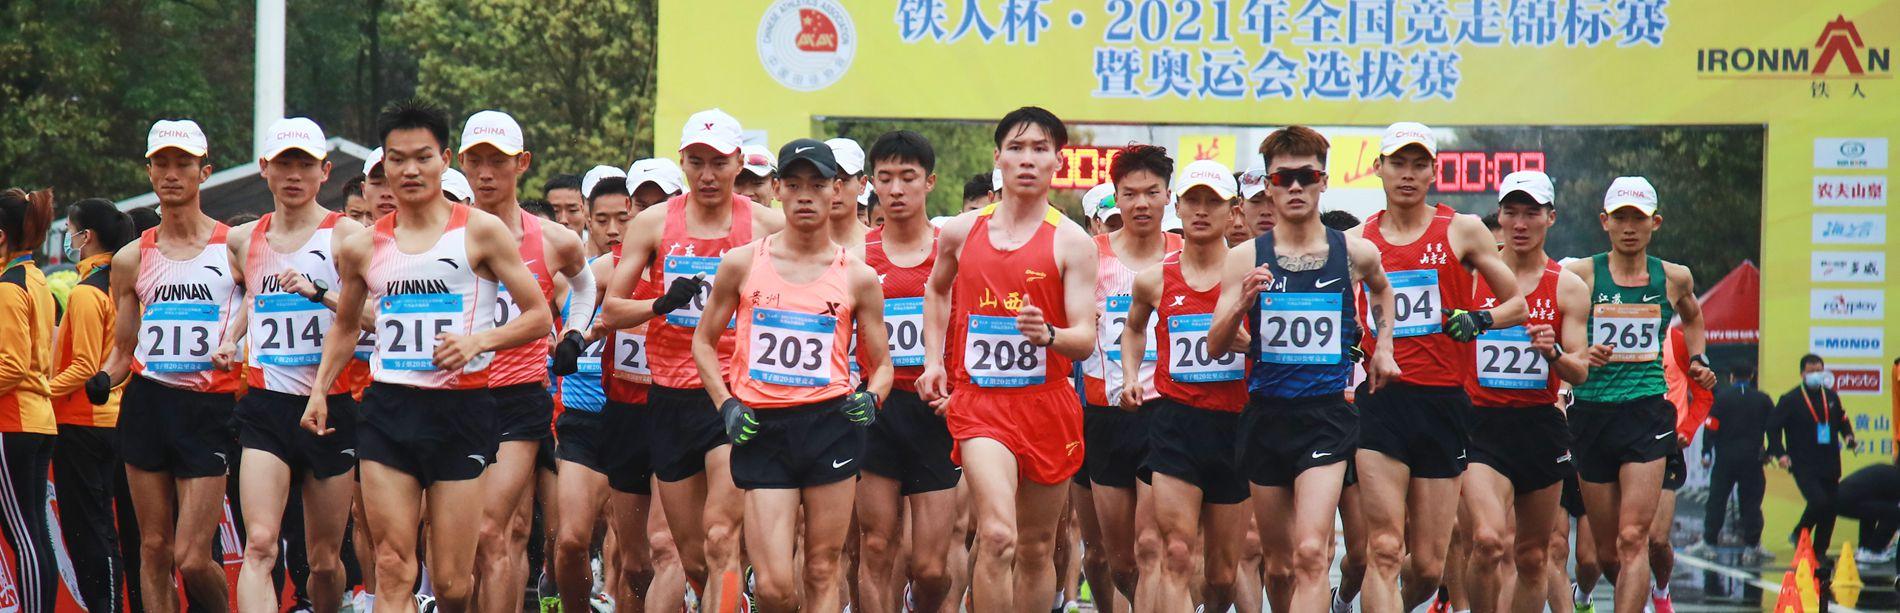 奥运选拔赛男女20公里竞走双双破纪录 迎来赛季开门红